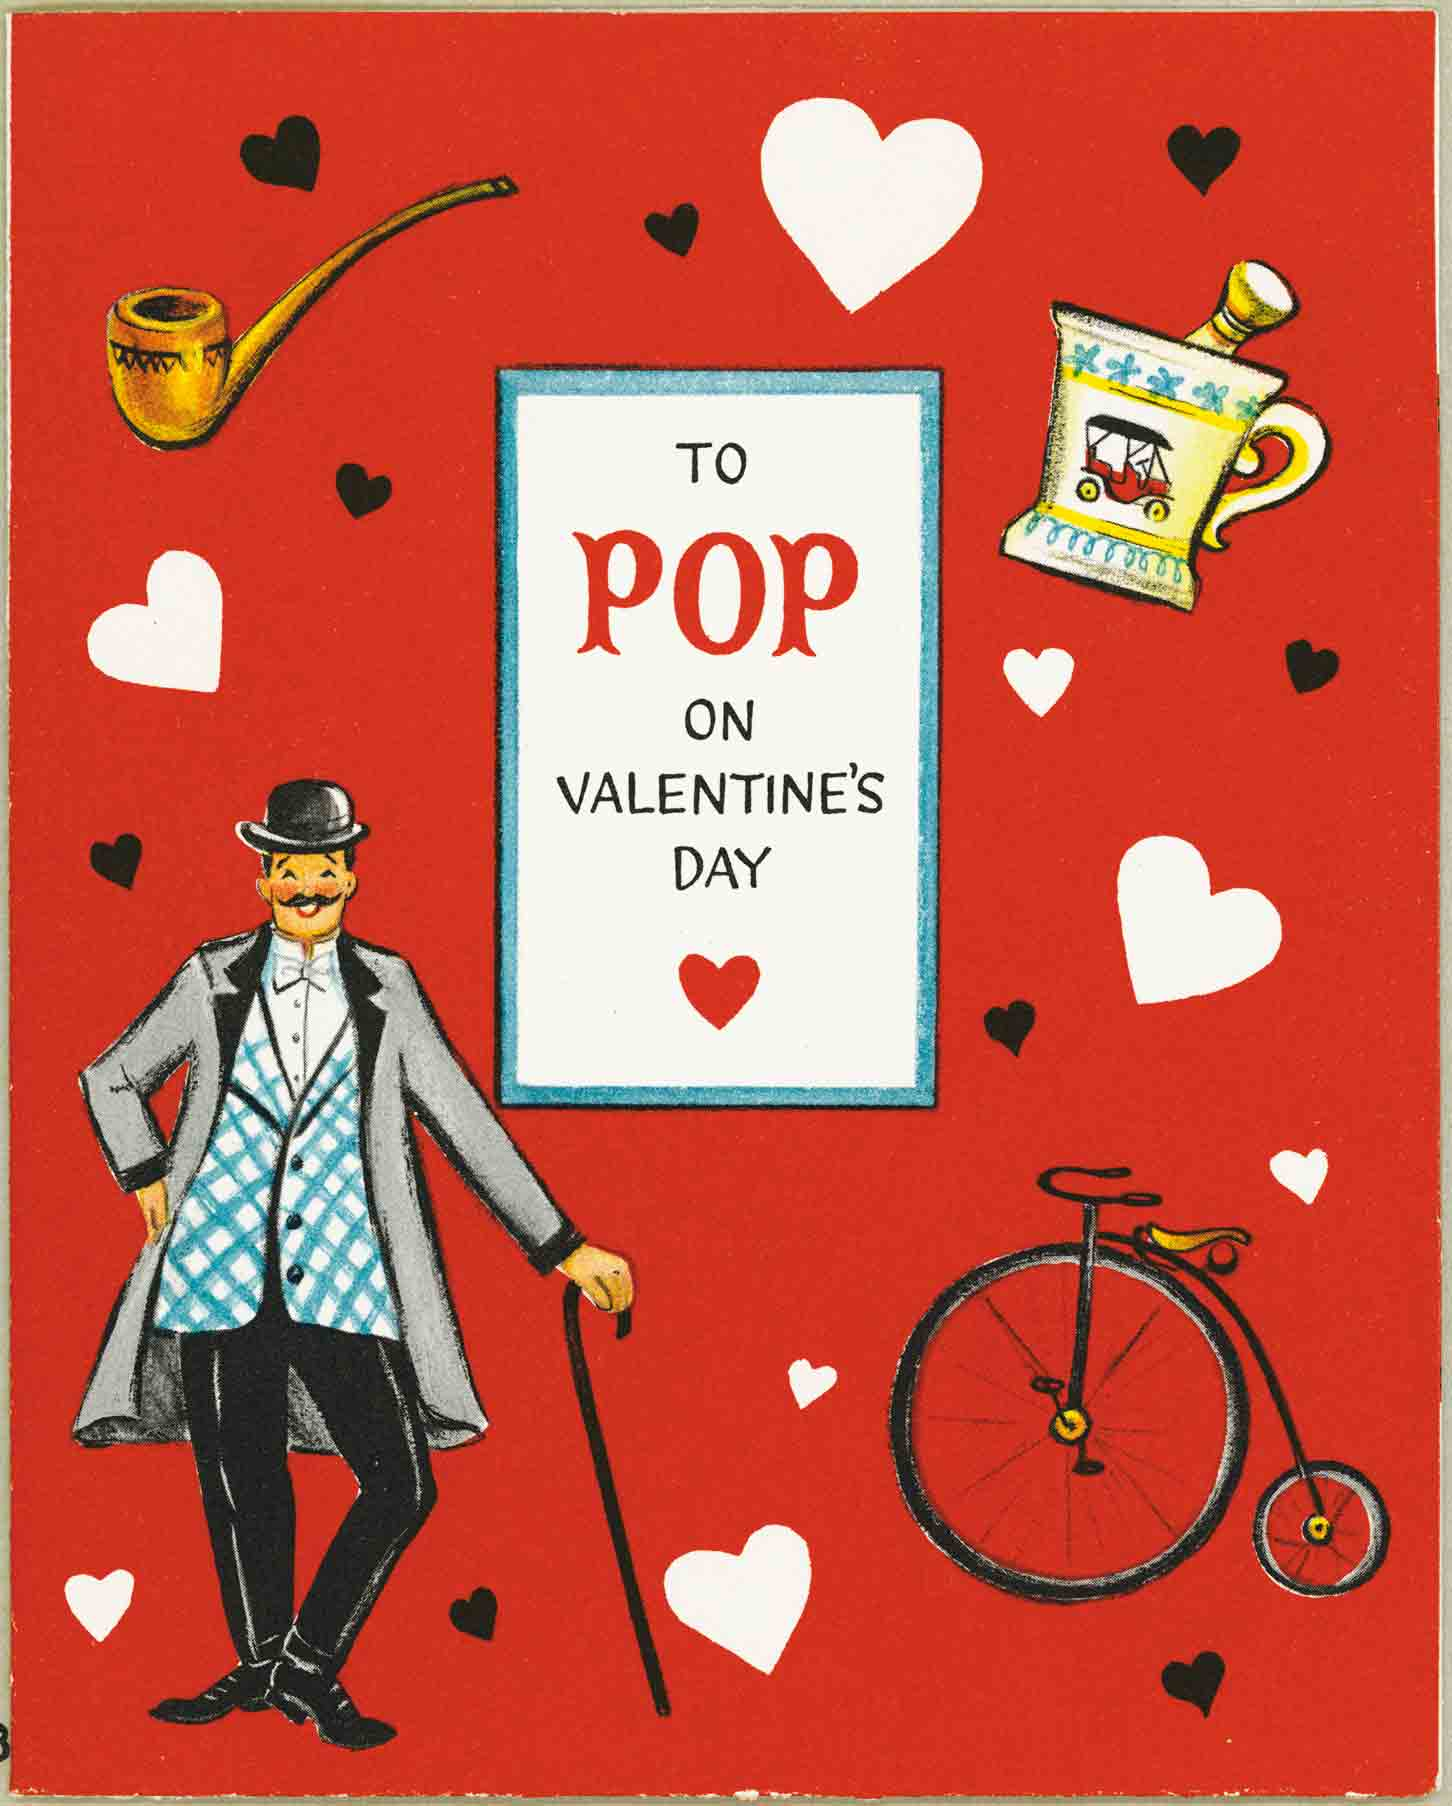 1956 Valentine's Day Card